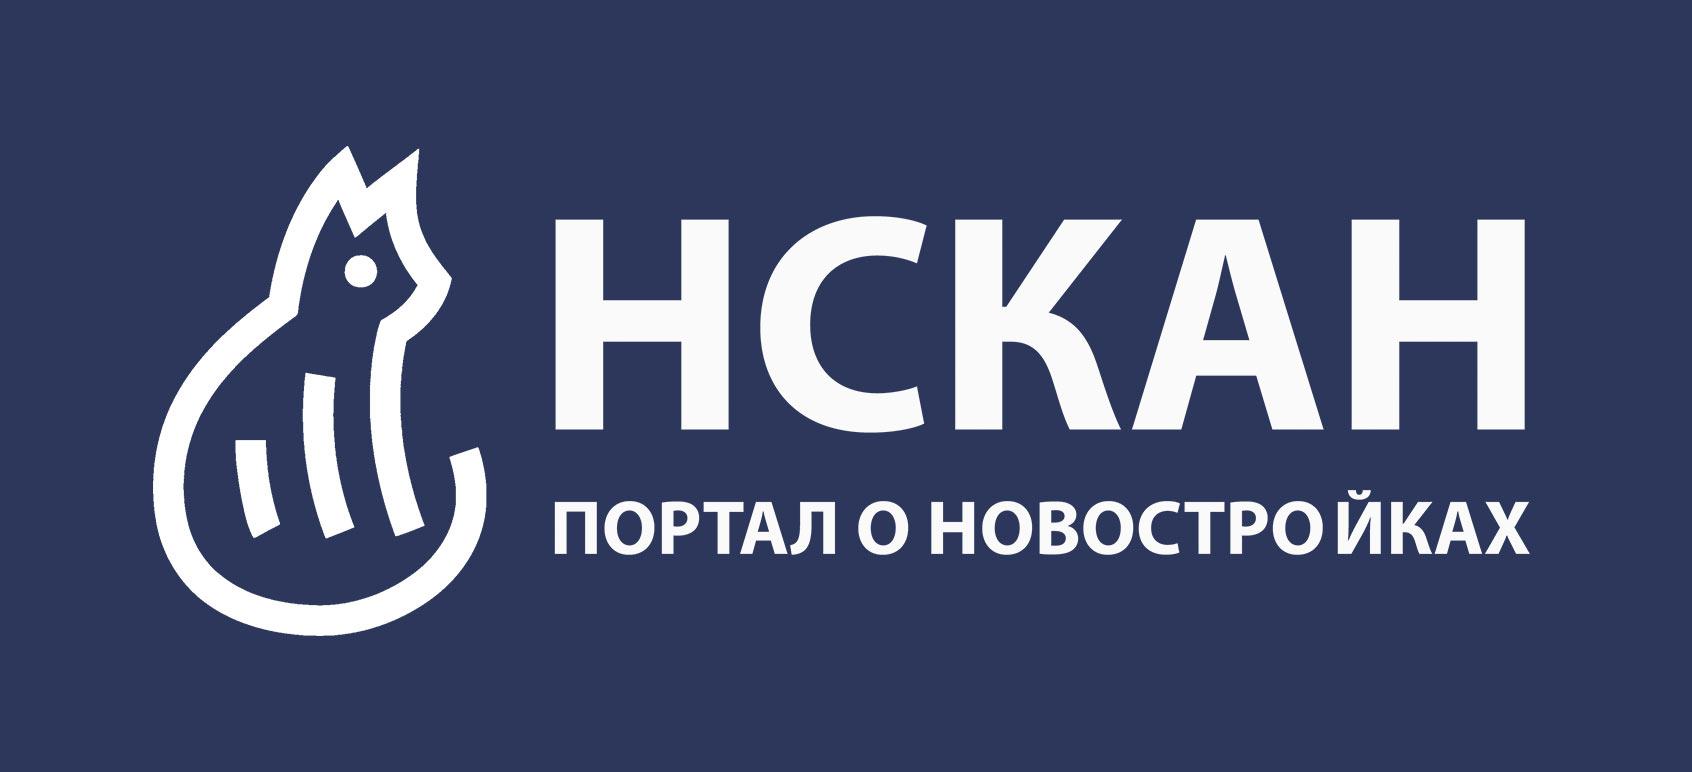 какие банки дают ипотеку без первоначального взноса новосибирск микрозаймы на карту без процентов онлайн на 30 дней